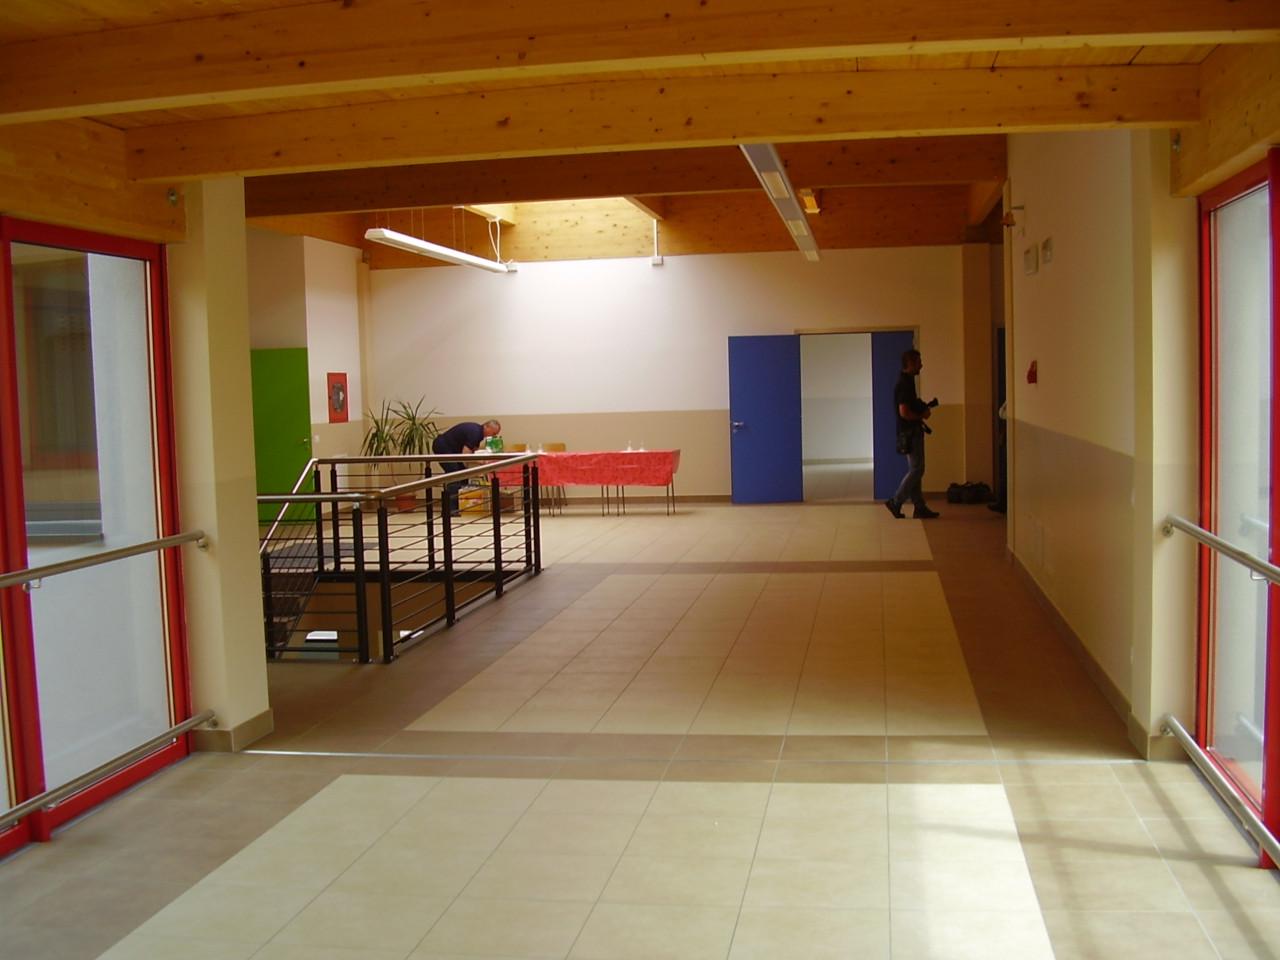 Progetto di costruzione della nuova Scuola Edile a Sedico